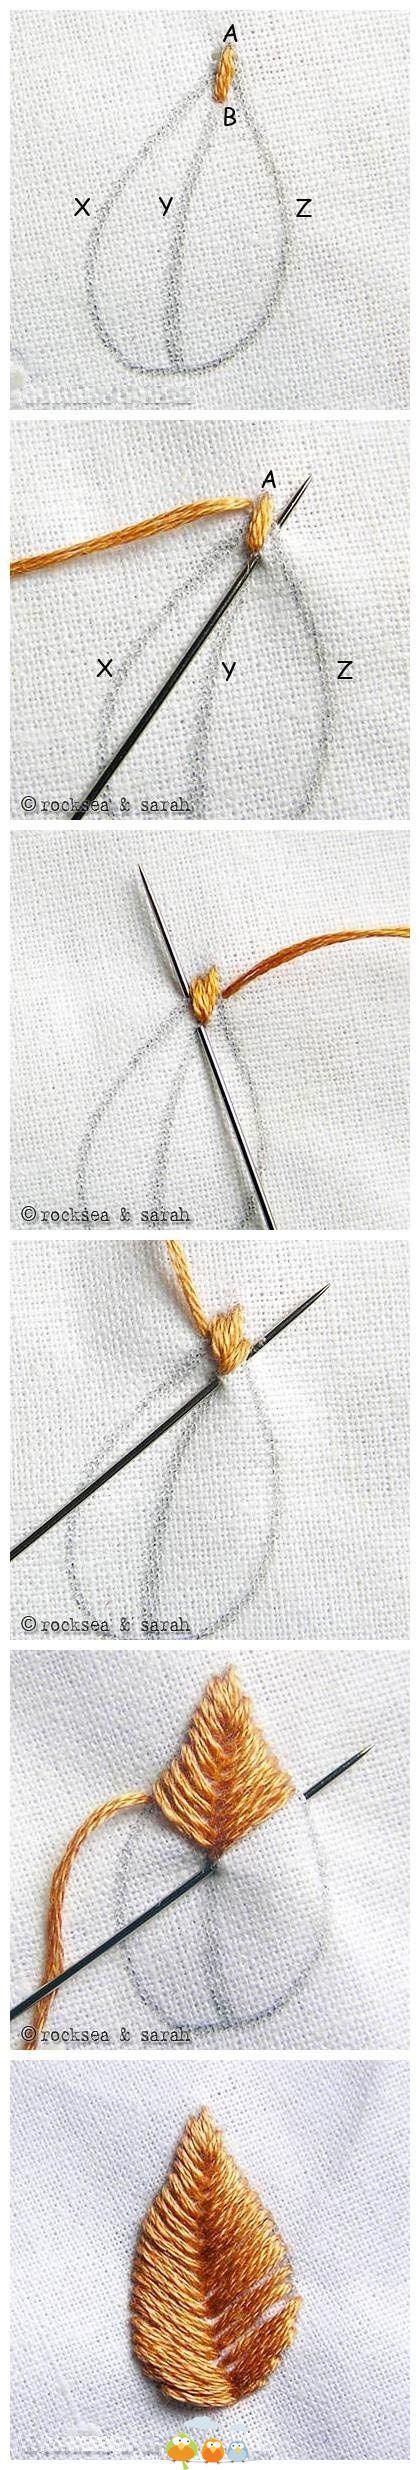 Como hacer un petalo paso a paso | diseño | Pinterest | Bordado ...